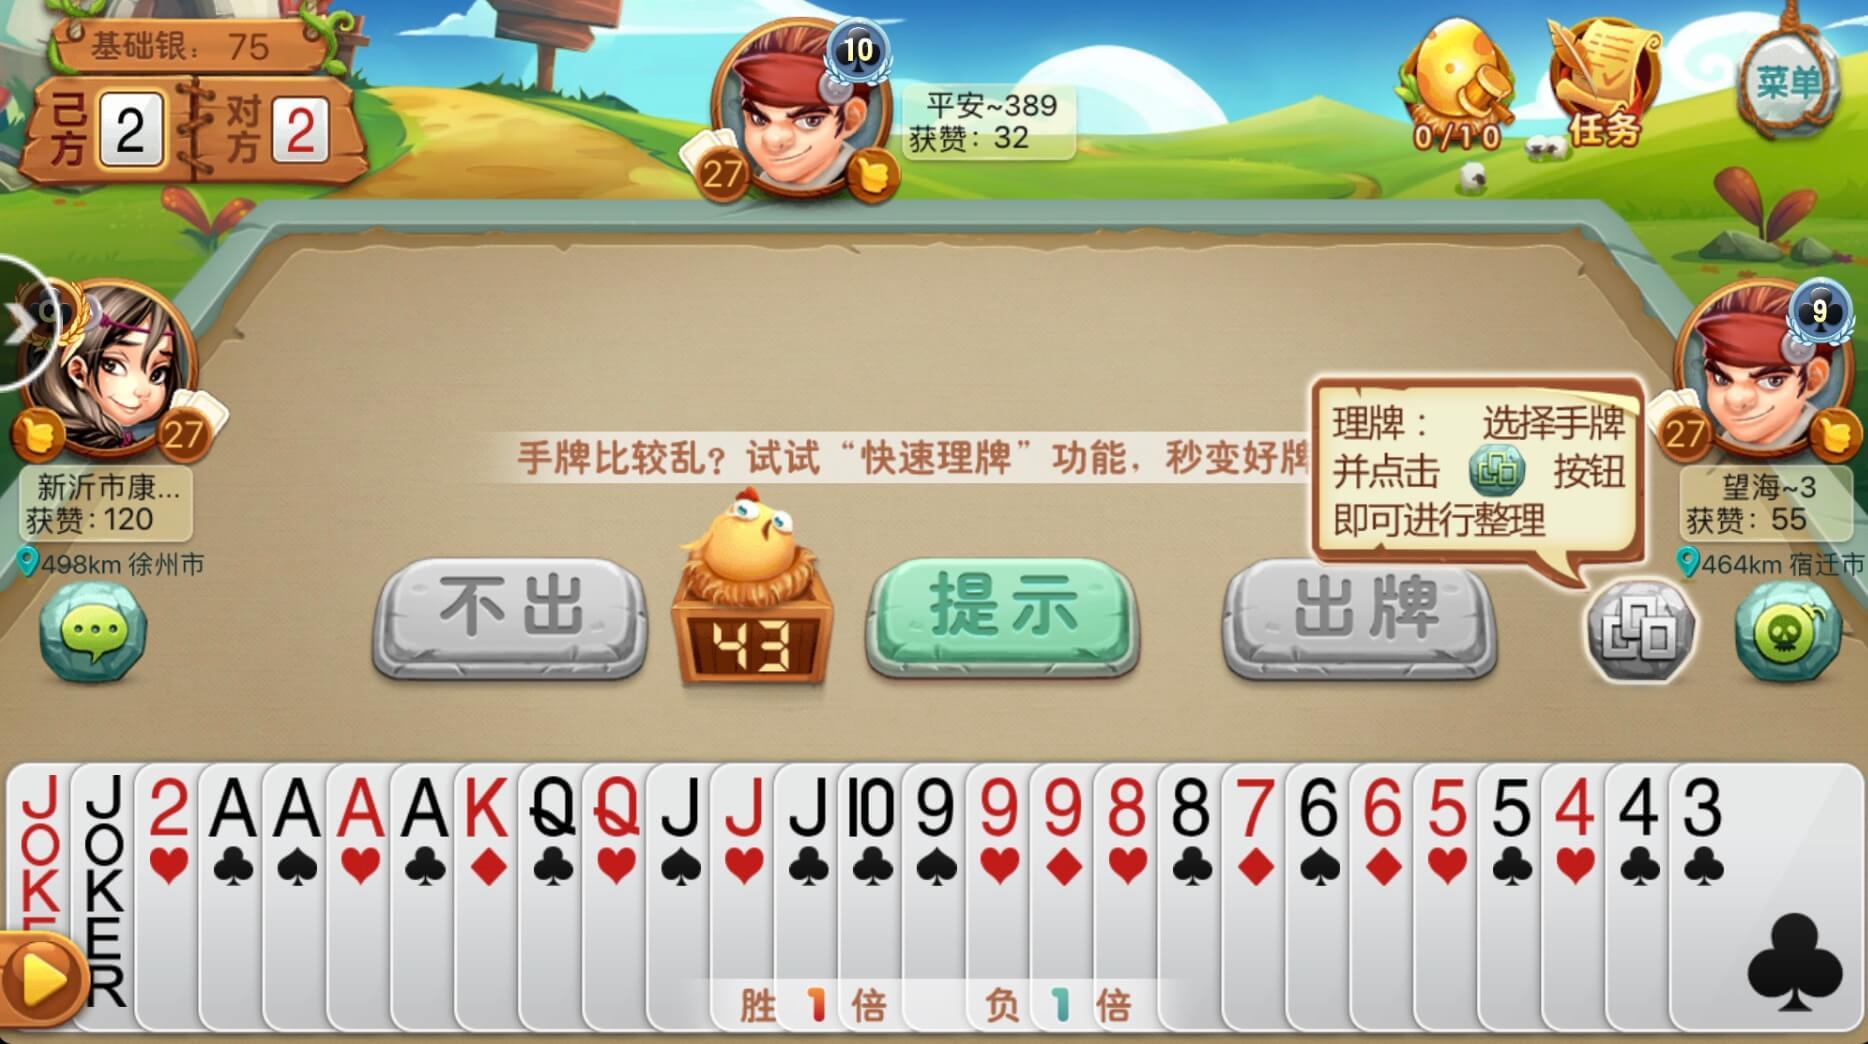 浙江十一选五走势图 3